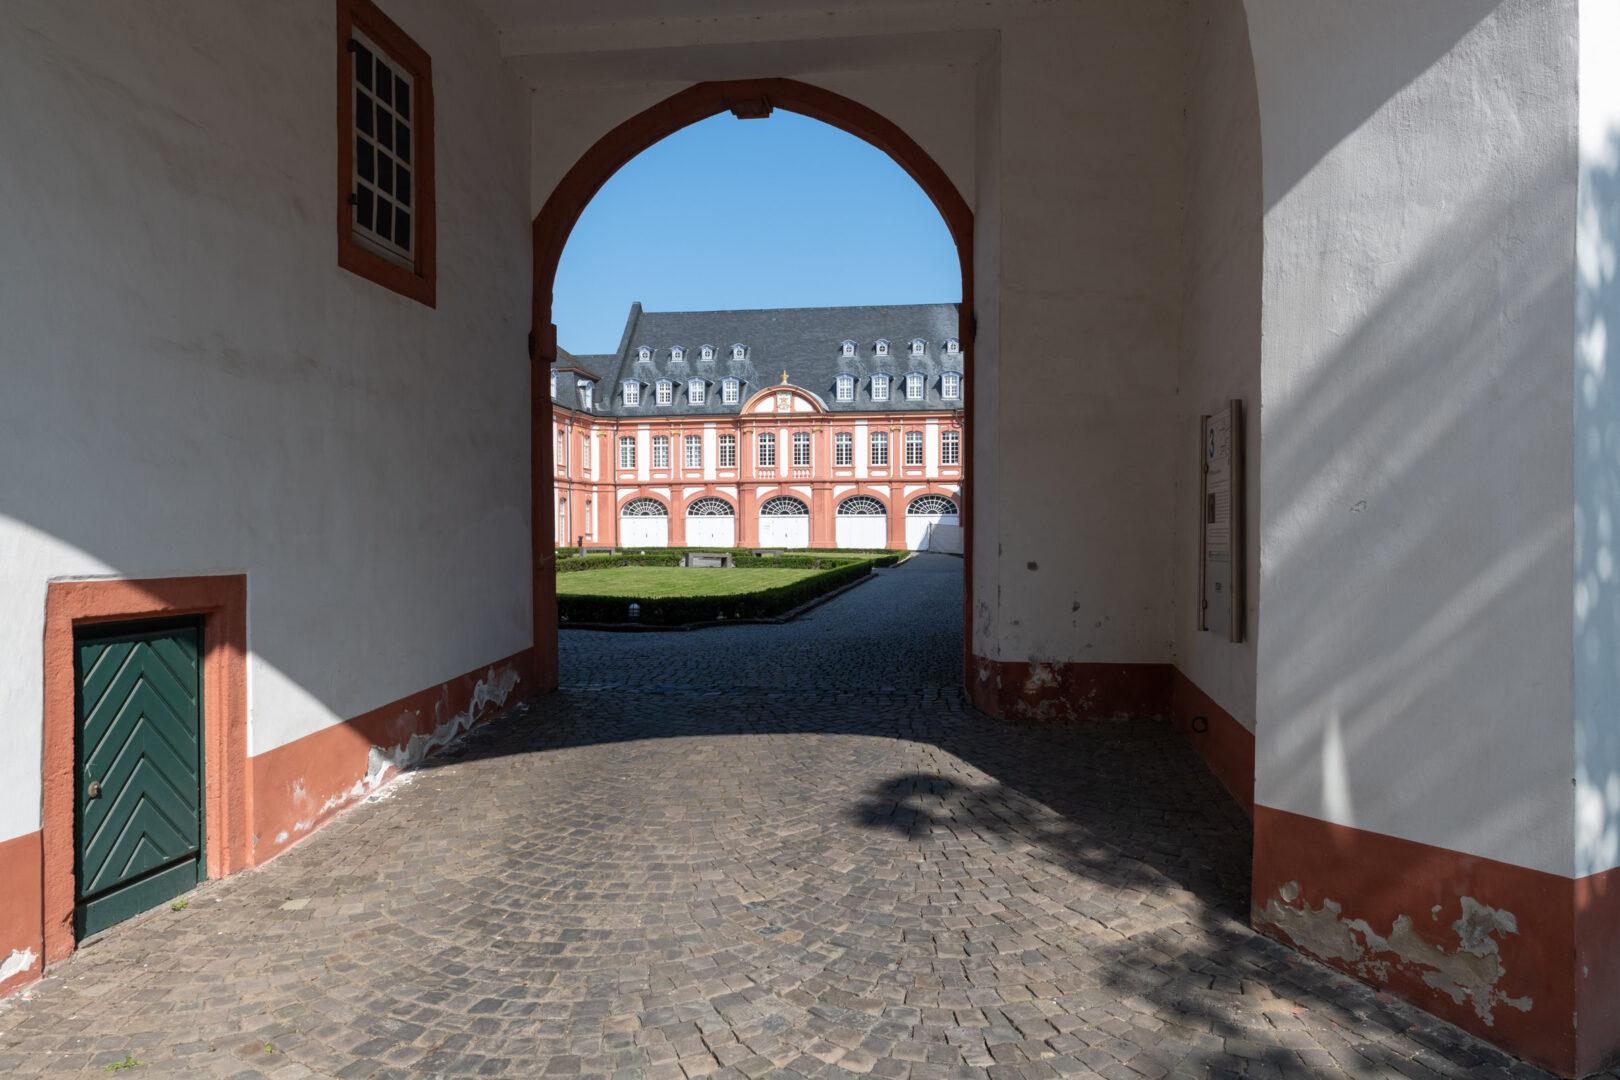 Durchgang vom Wirtschaftshof in den Prälaturhof